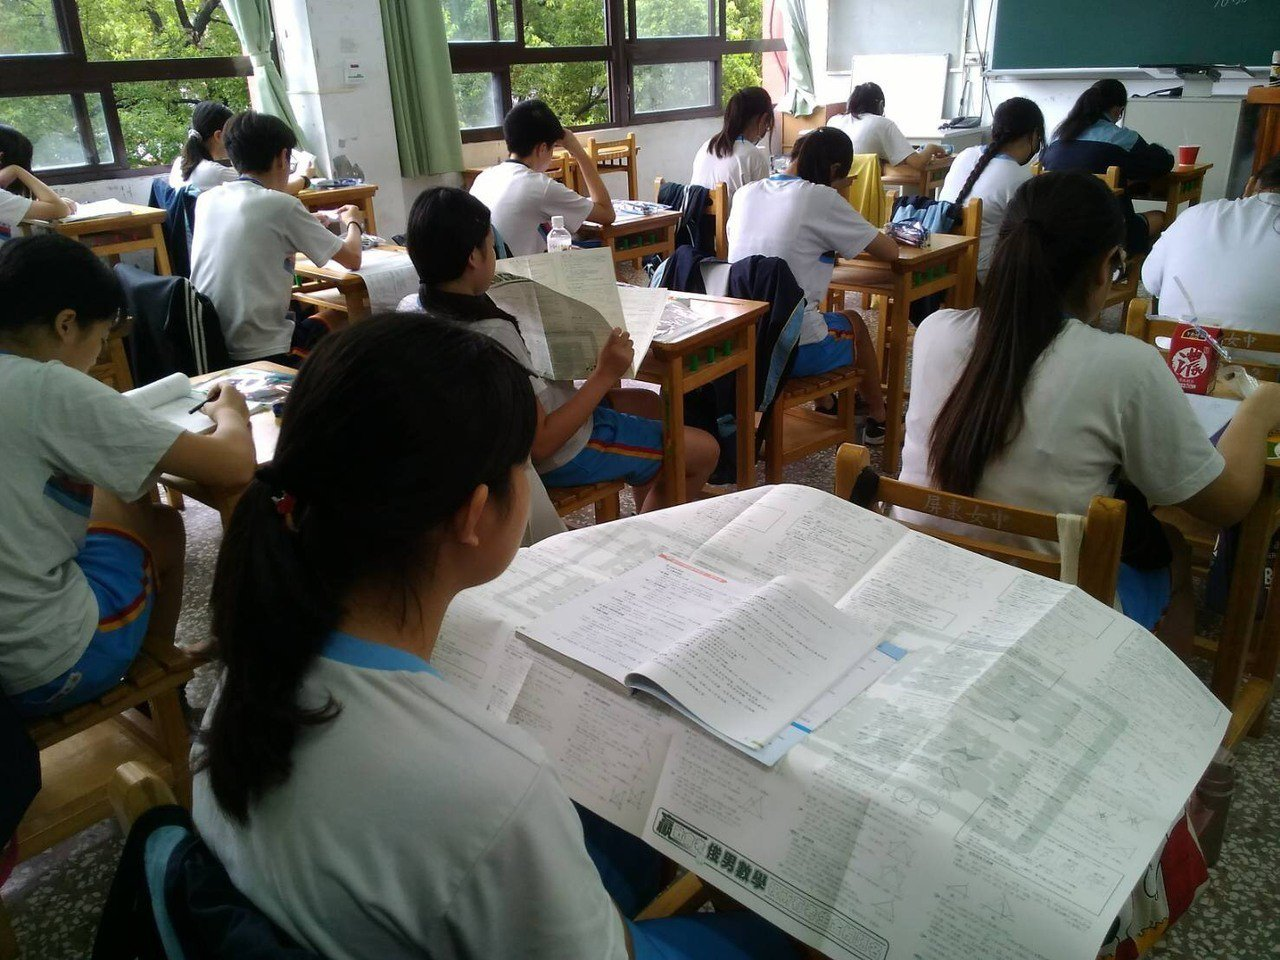 考生們休息時間加緊複習。記者江國豪/攝影